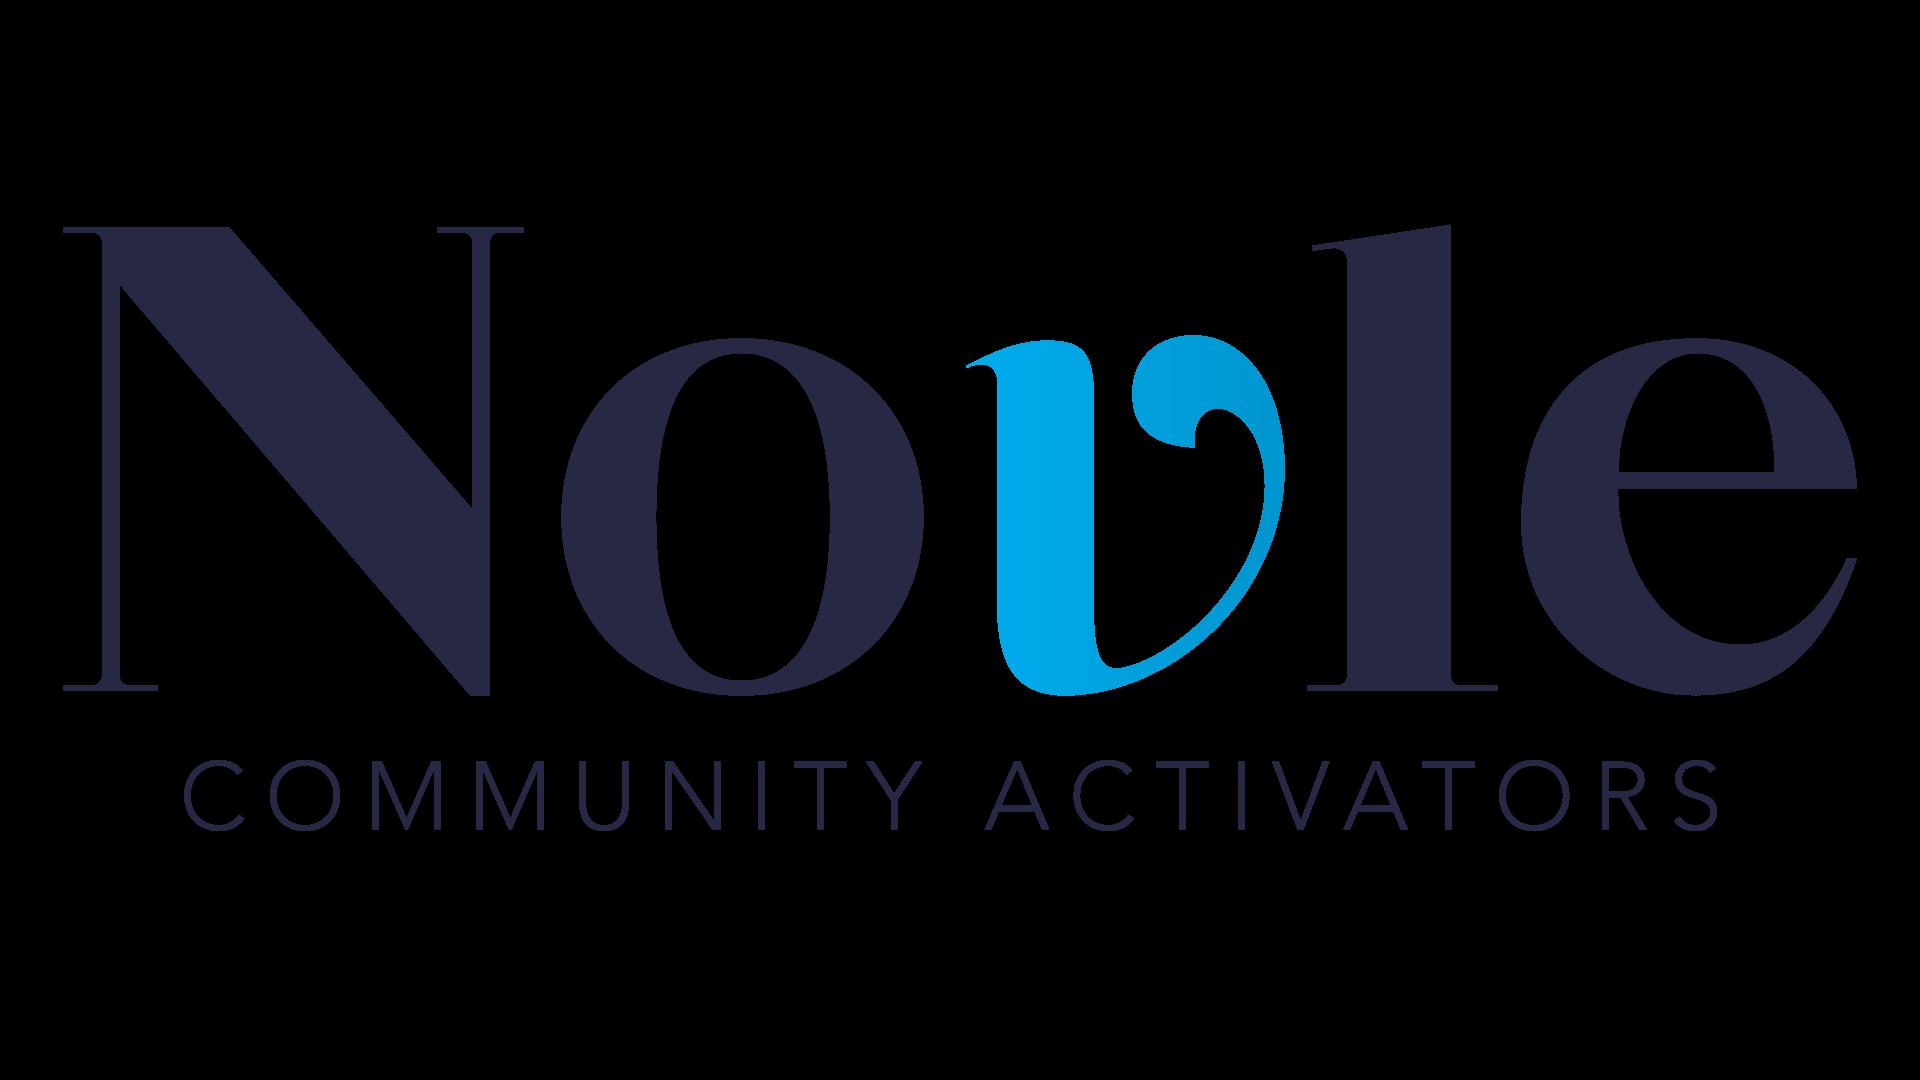 Novle Community Activators |   Carlos Velasco   3030 N. Central Ave., Ste 602       Phoenix, AZ     http://www.wearenovle.com